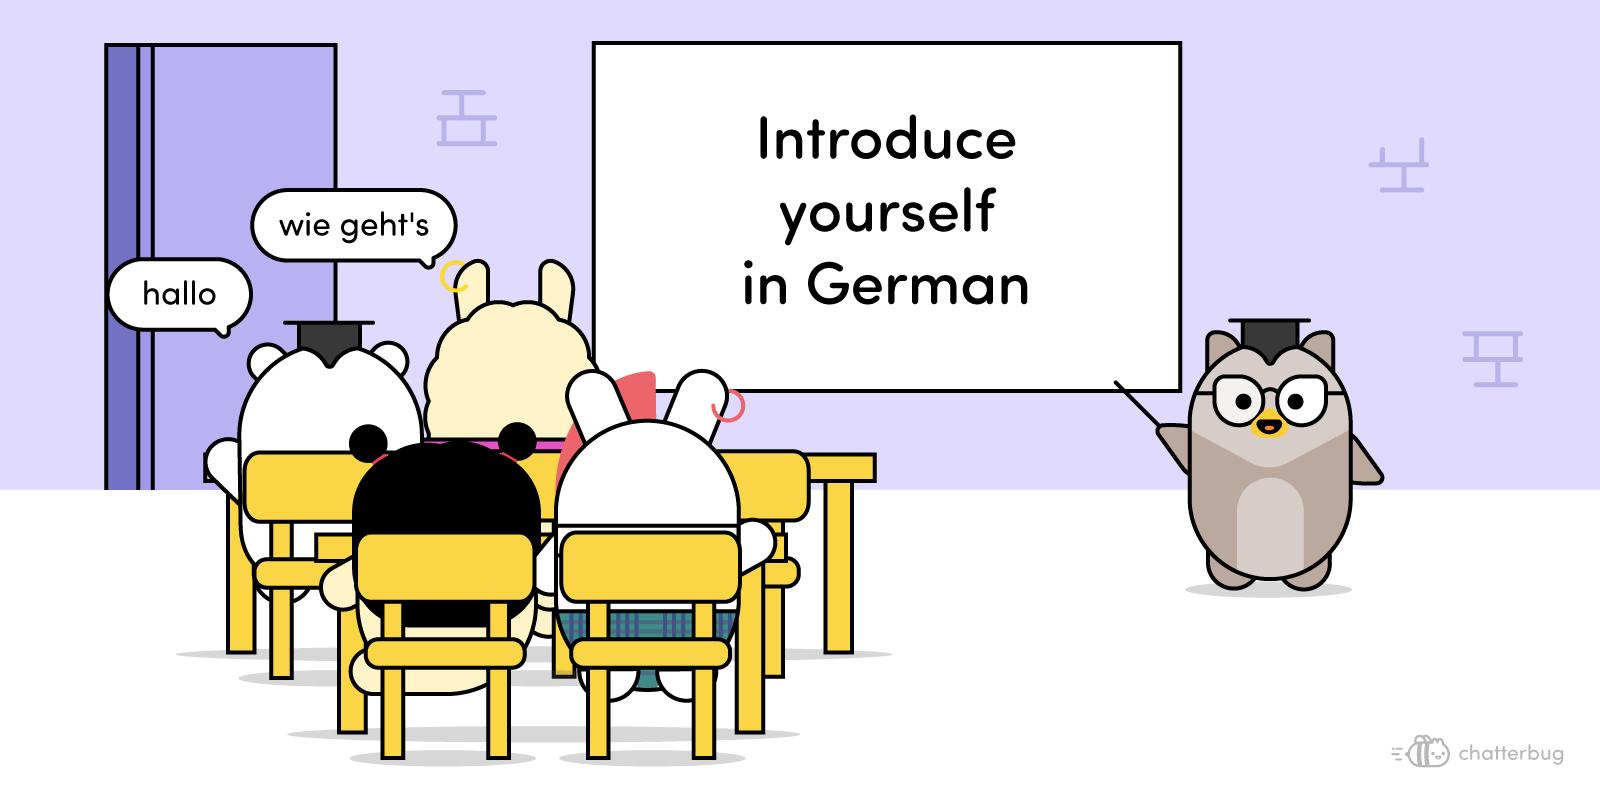 Intensive German courses